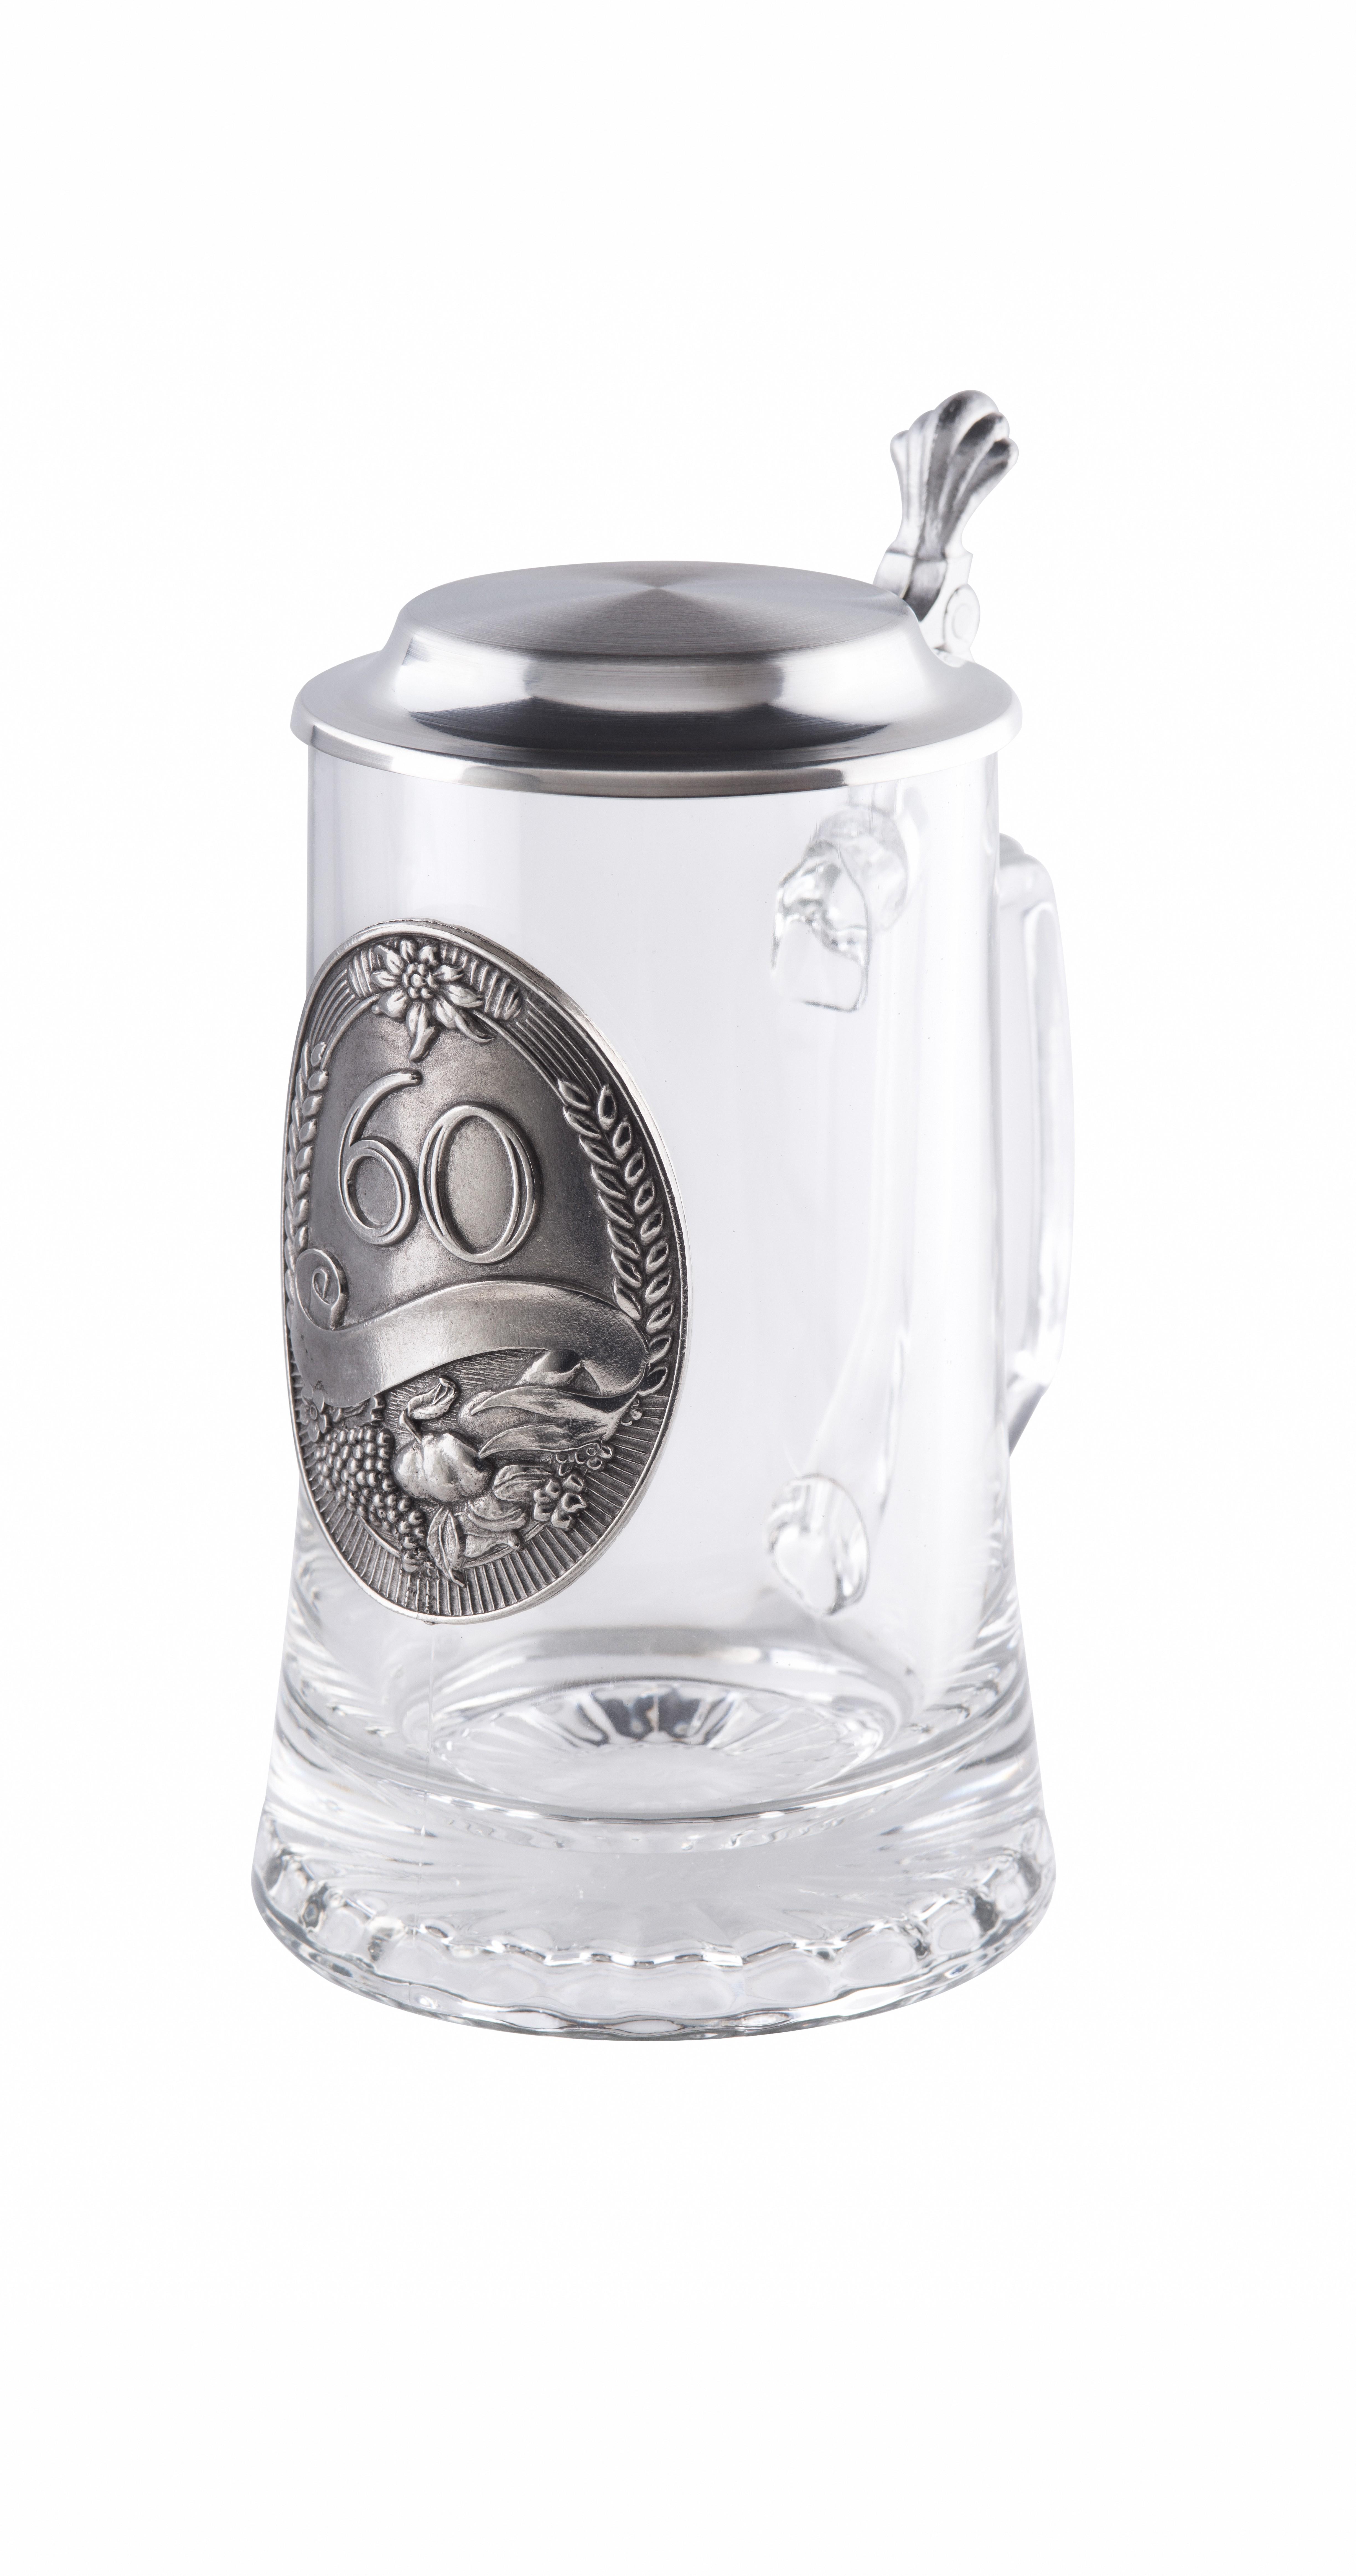 Bierkrug 60 von Artina 0,5 Liter AR 93347 NEU